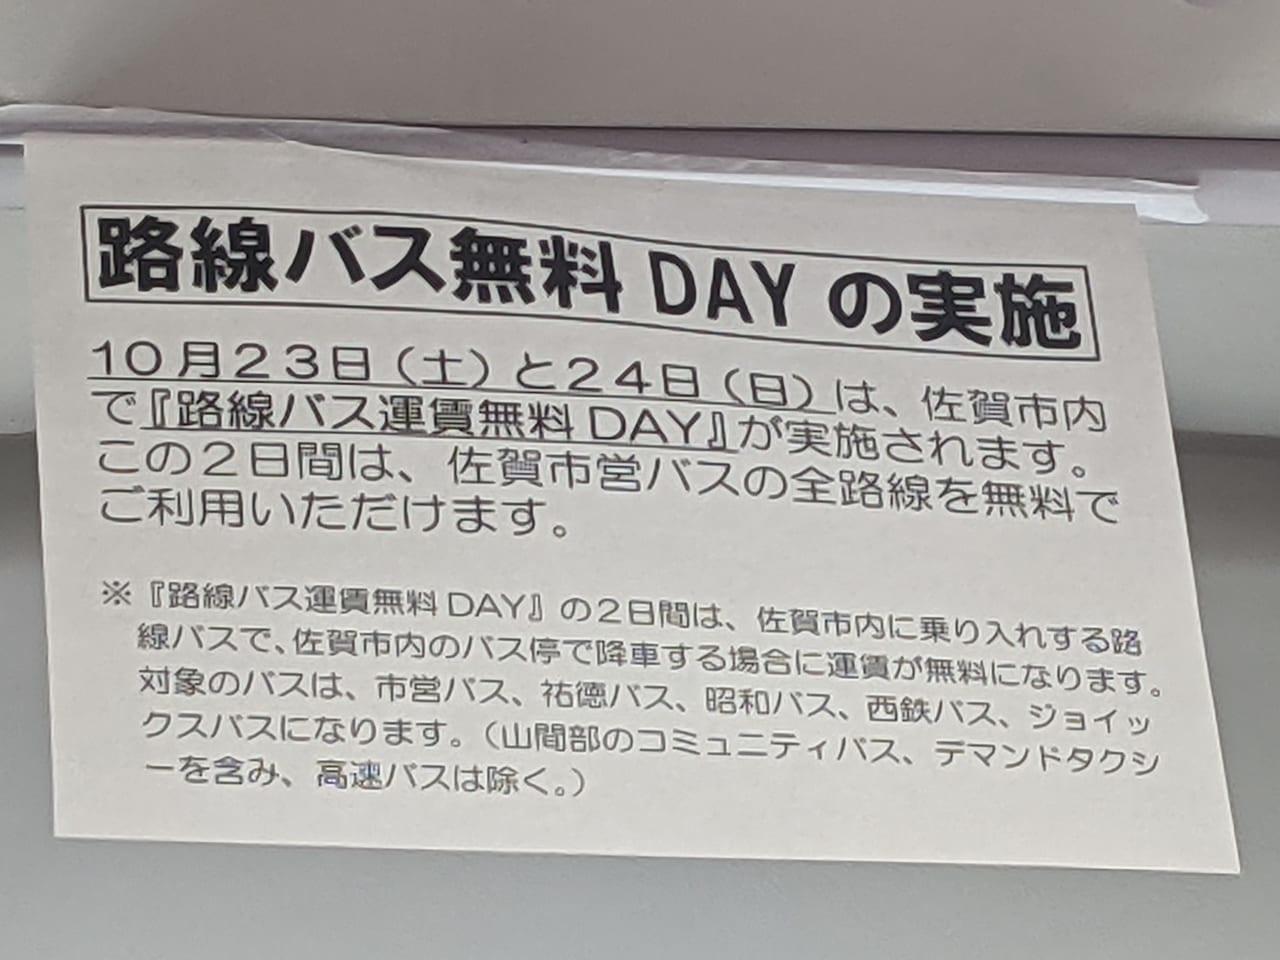 佐賀市 路線バス無料day